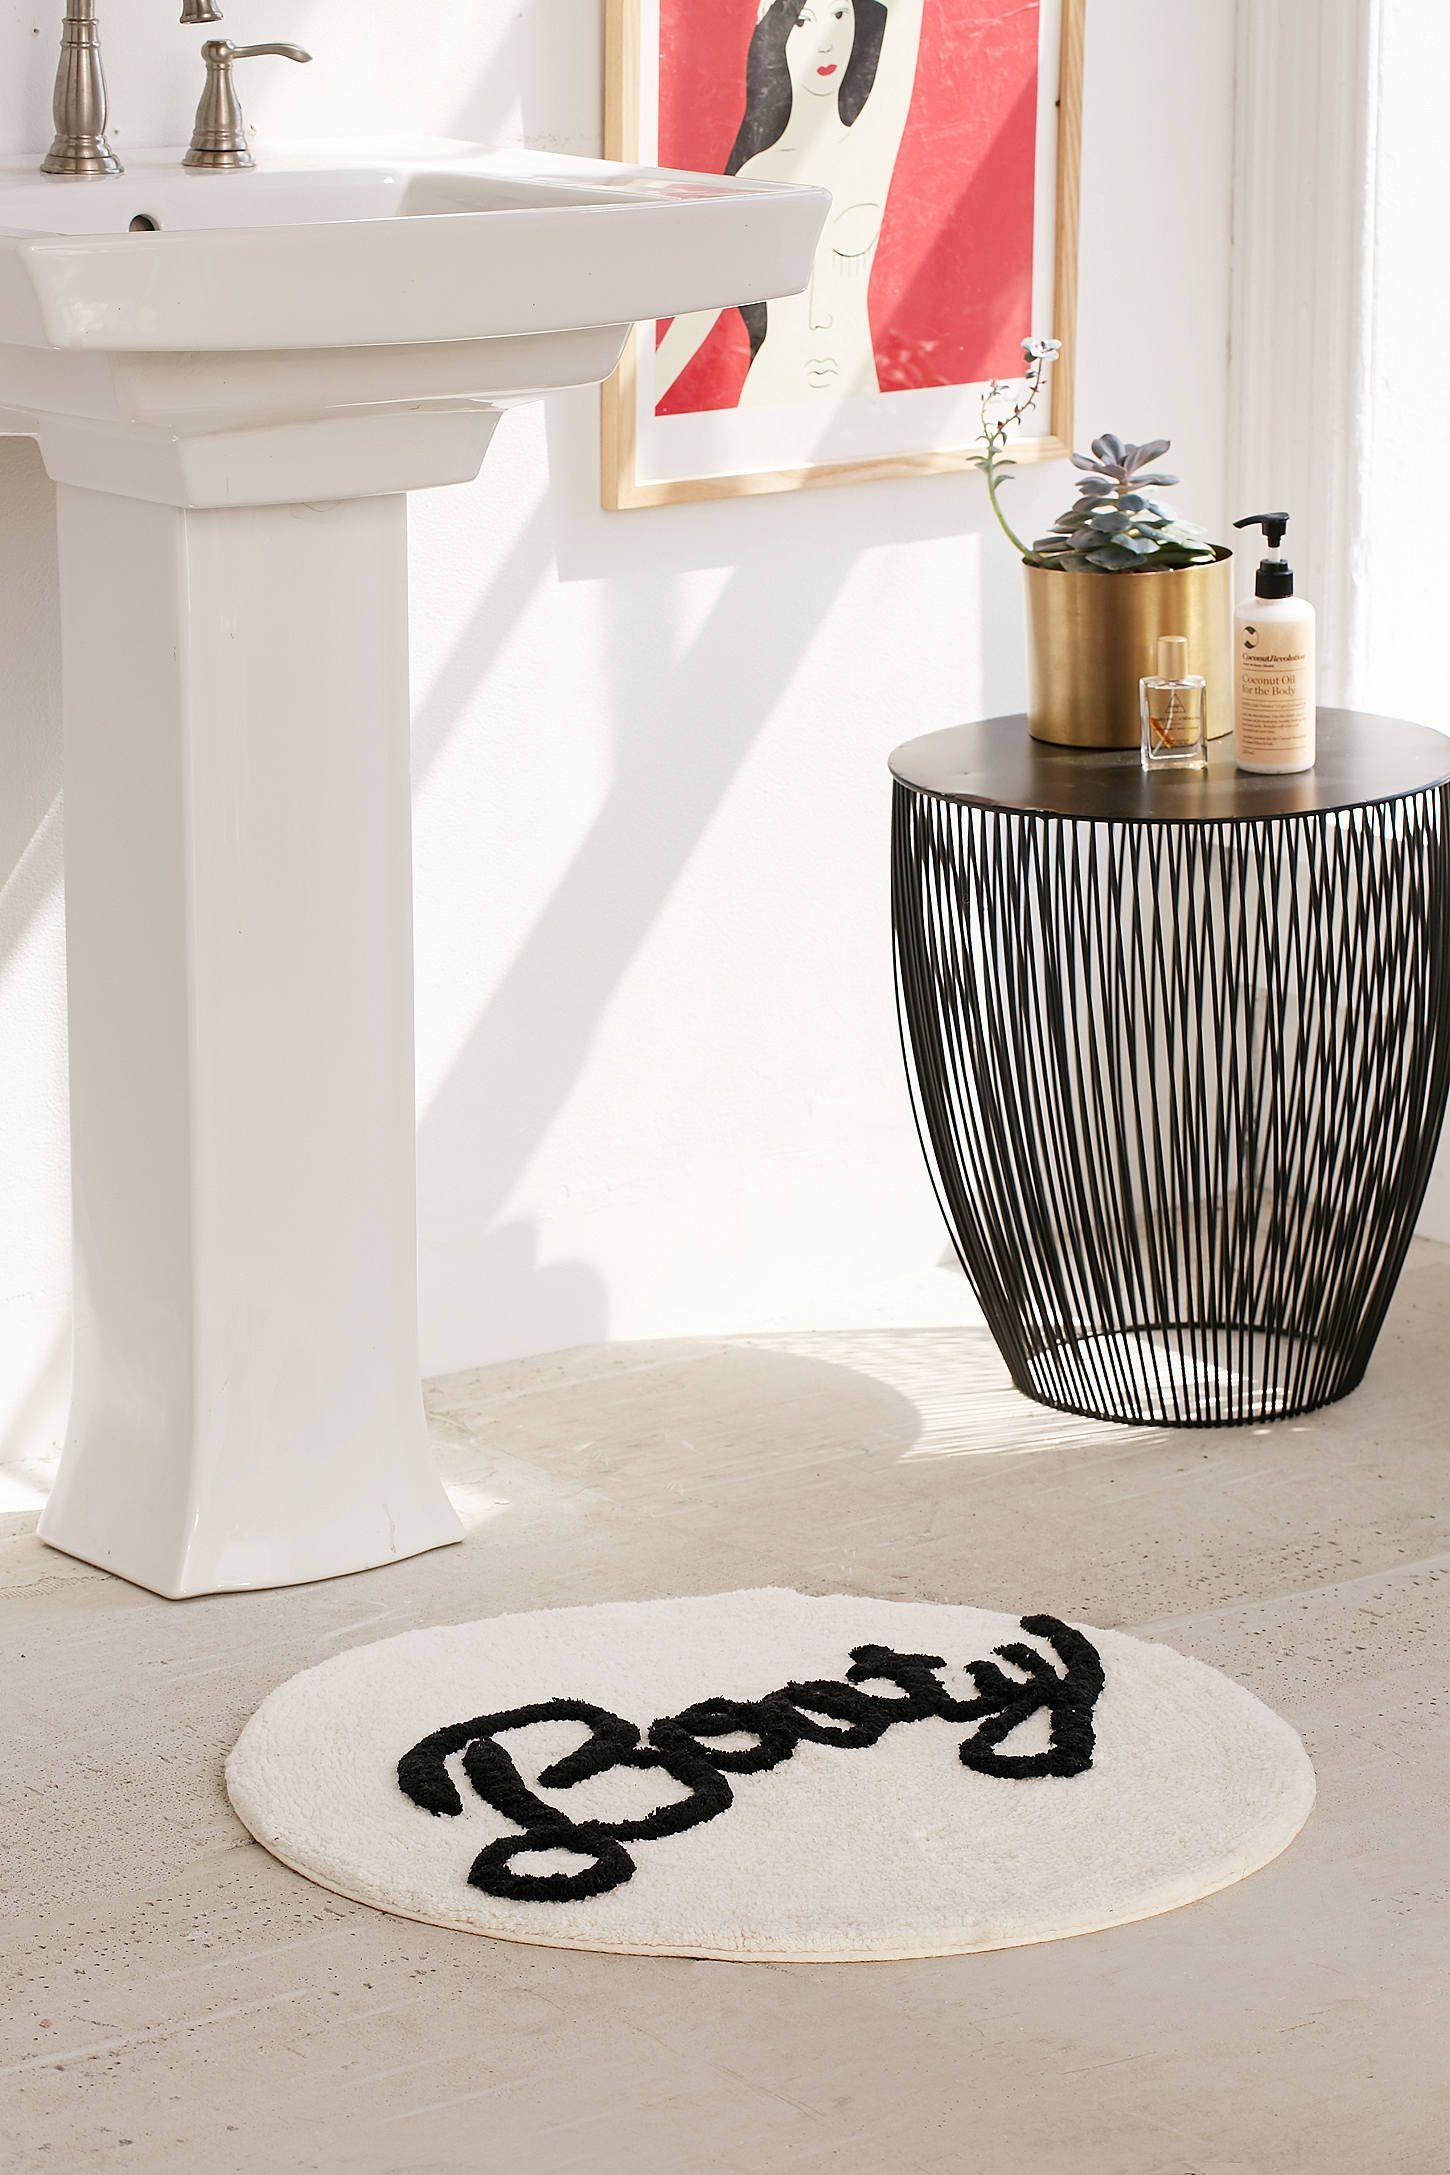 Tapis rond : pas cher et design - Blog Déco | Salle de bain ...